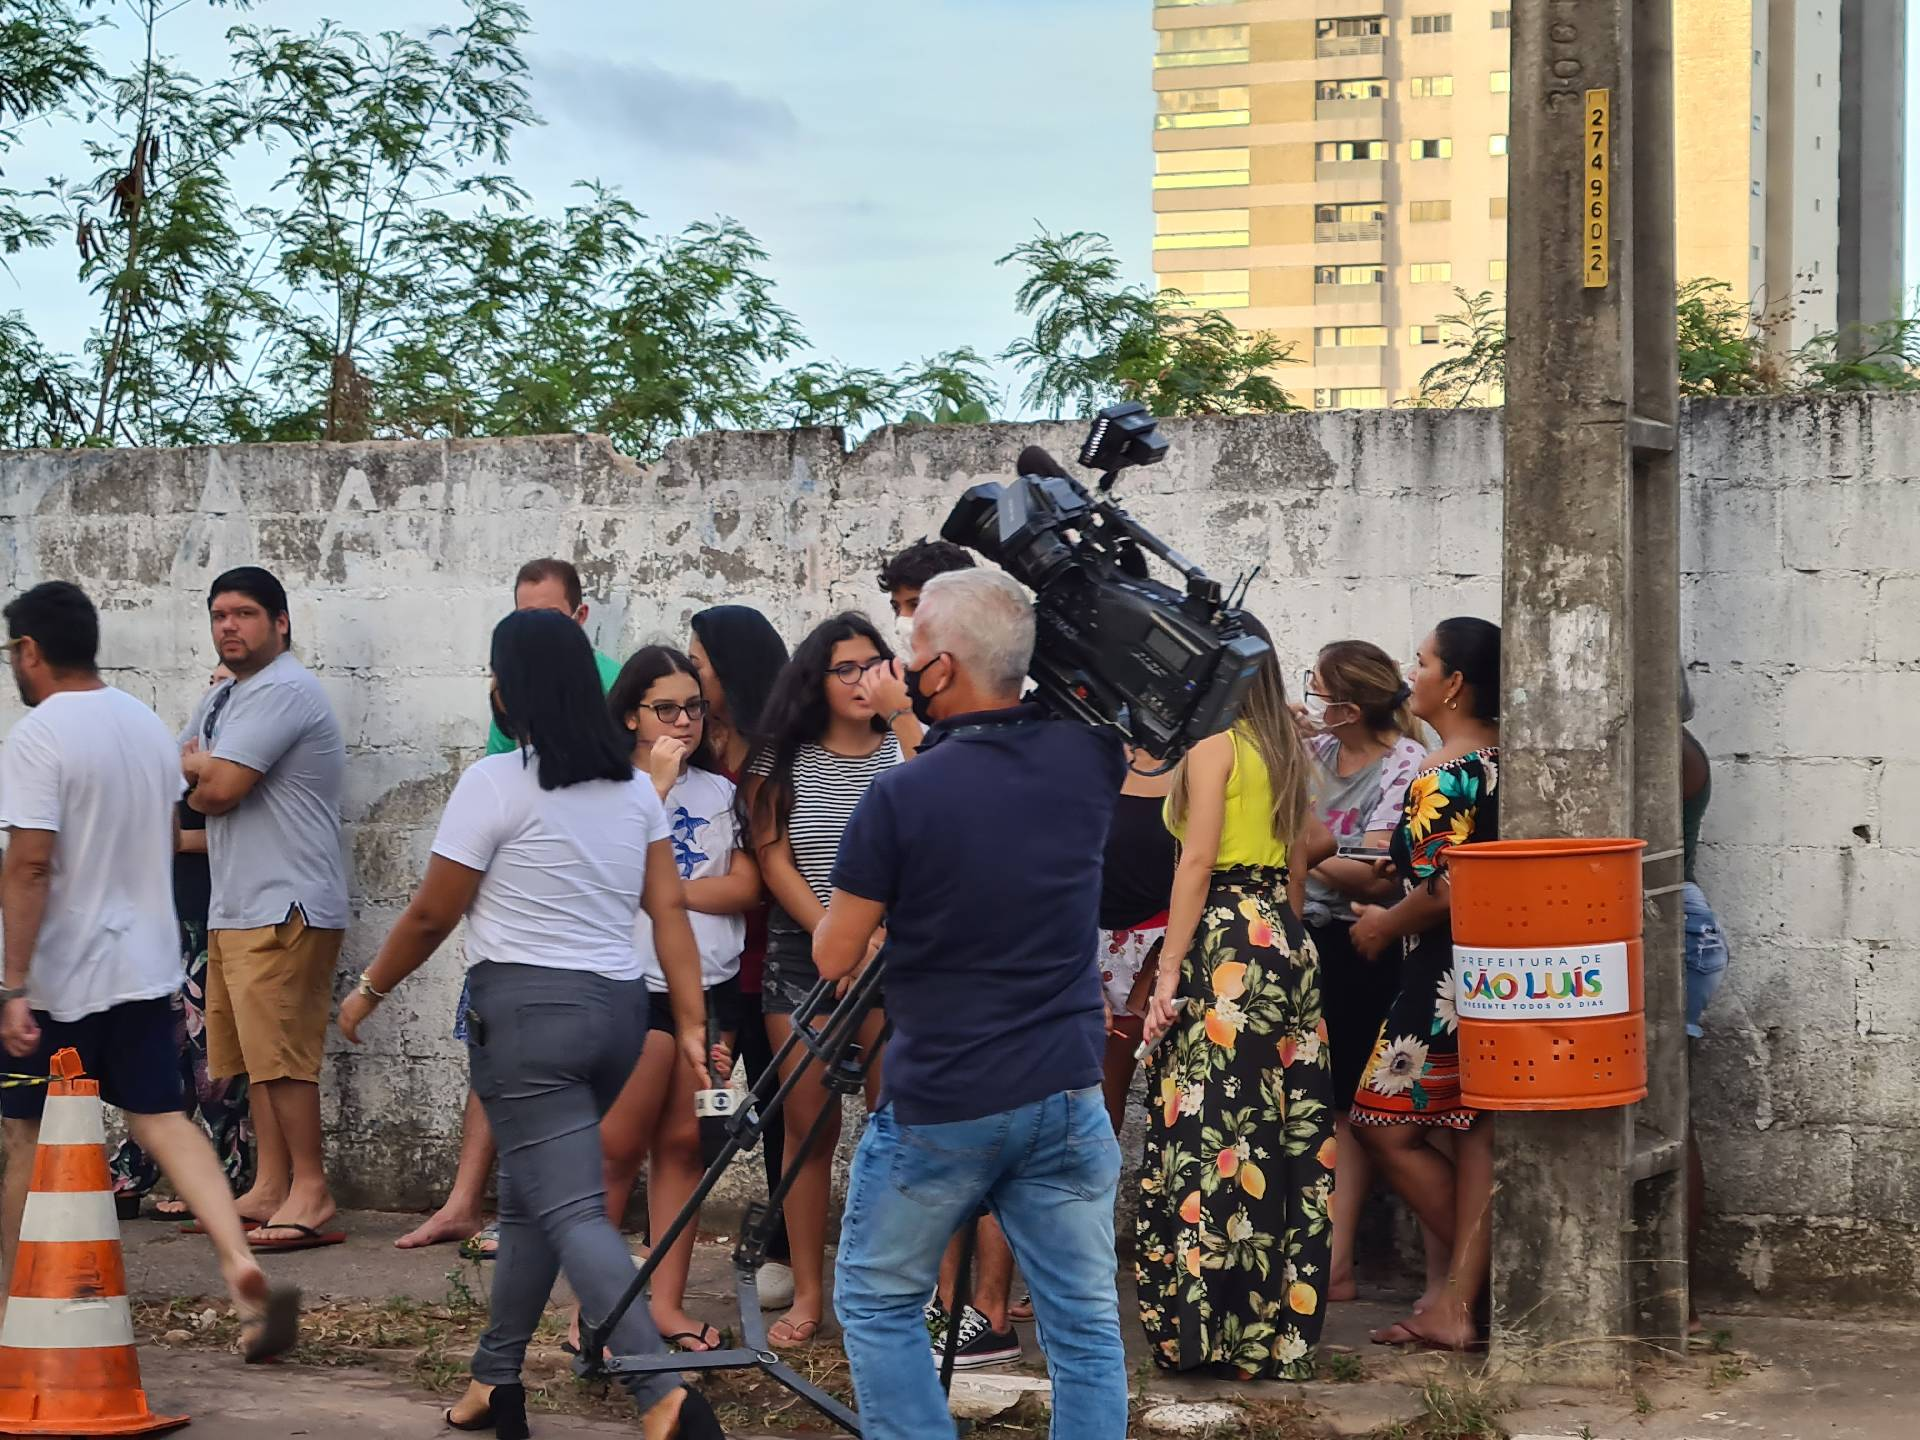 оператор готовится к съемке в Бразилии